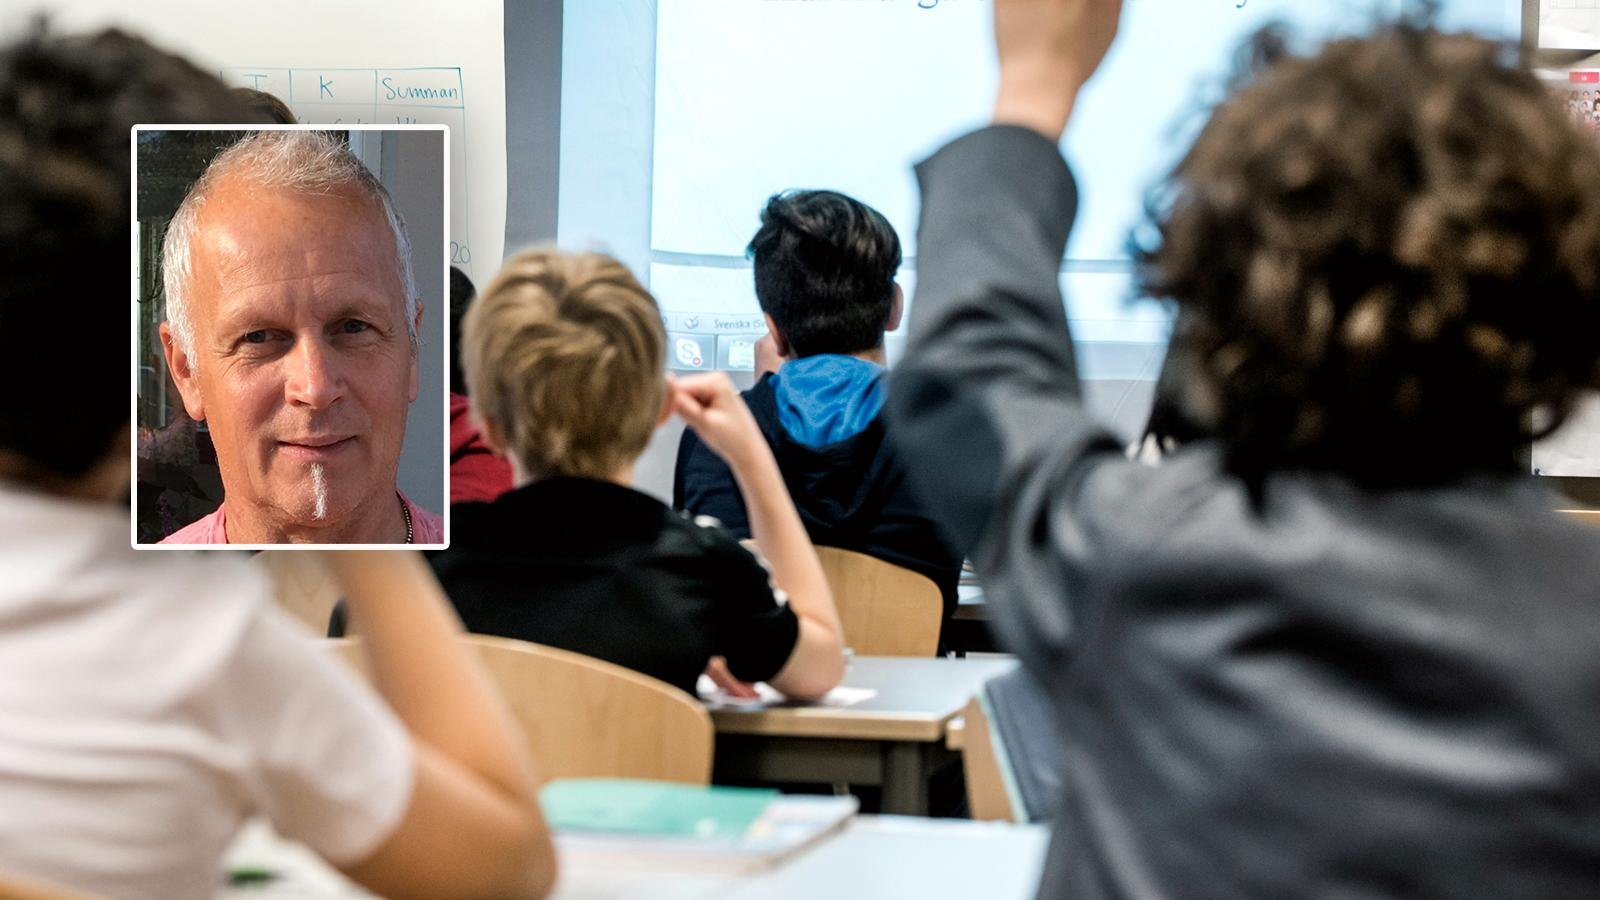 Systemet går idag ut på att dränera den kommunala skolan på resursstarka elever för att kunna göra de vinster som bolagsformen kräver. Vinster som istället skulle kunna användas till en totalt sett bättre skola för alla Sveriges elever, skriver debattören.